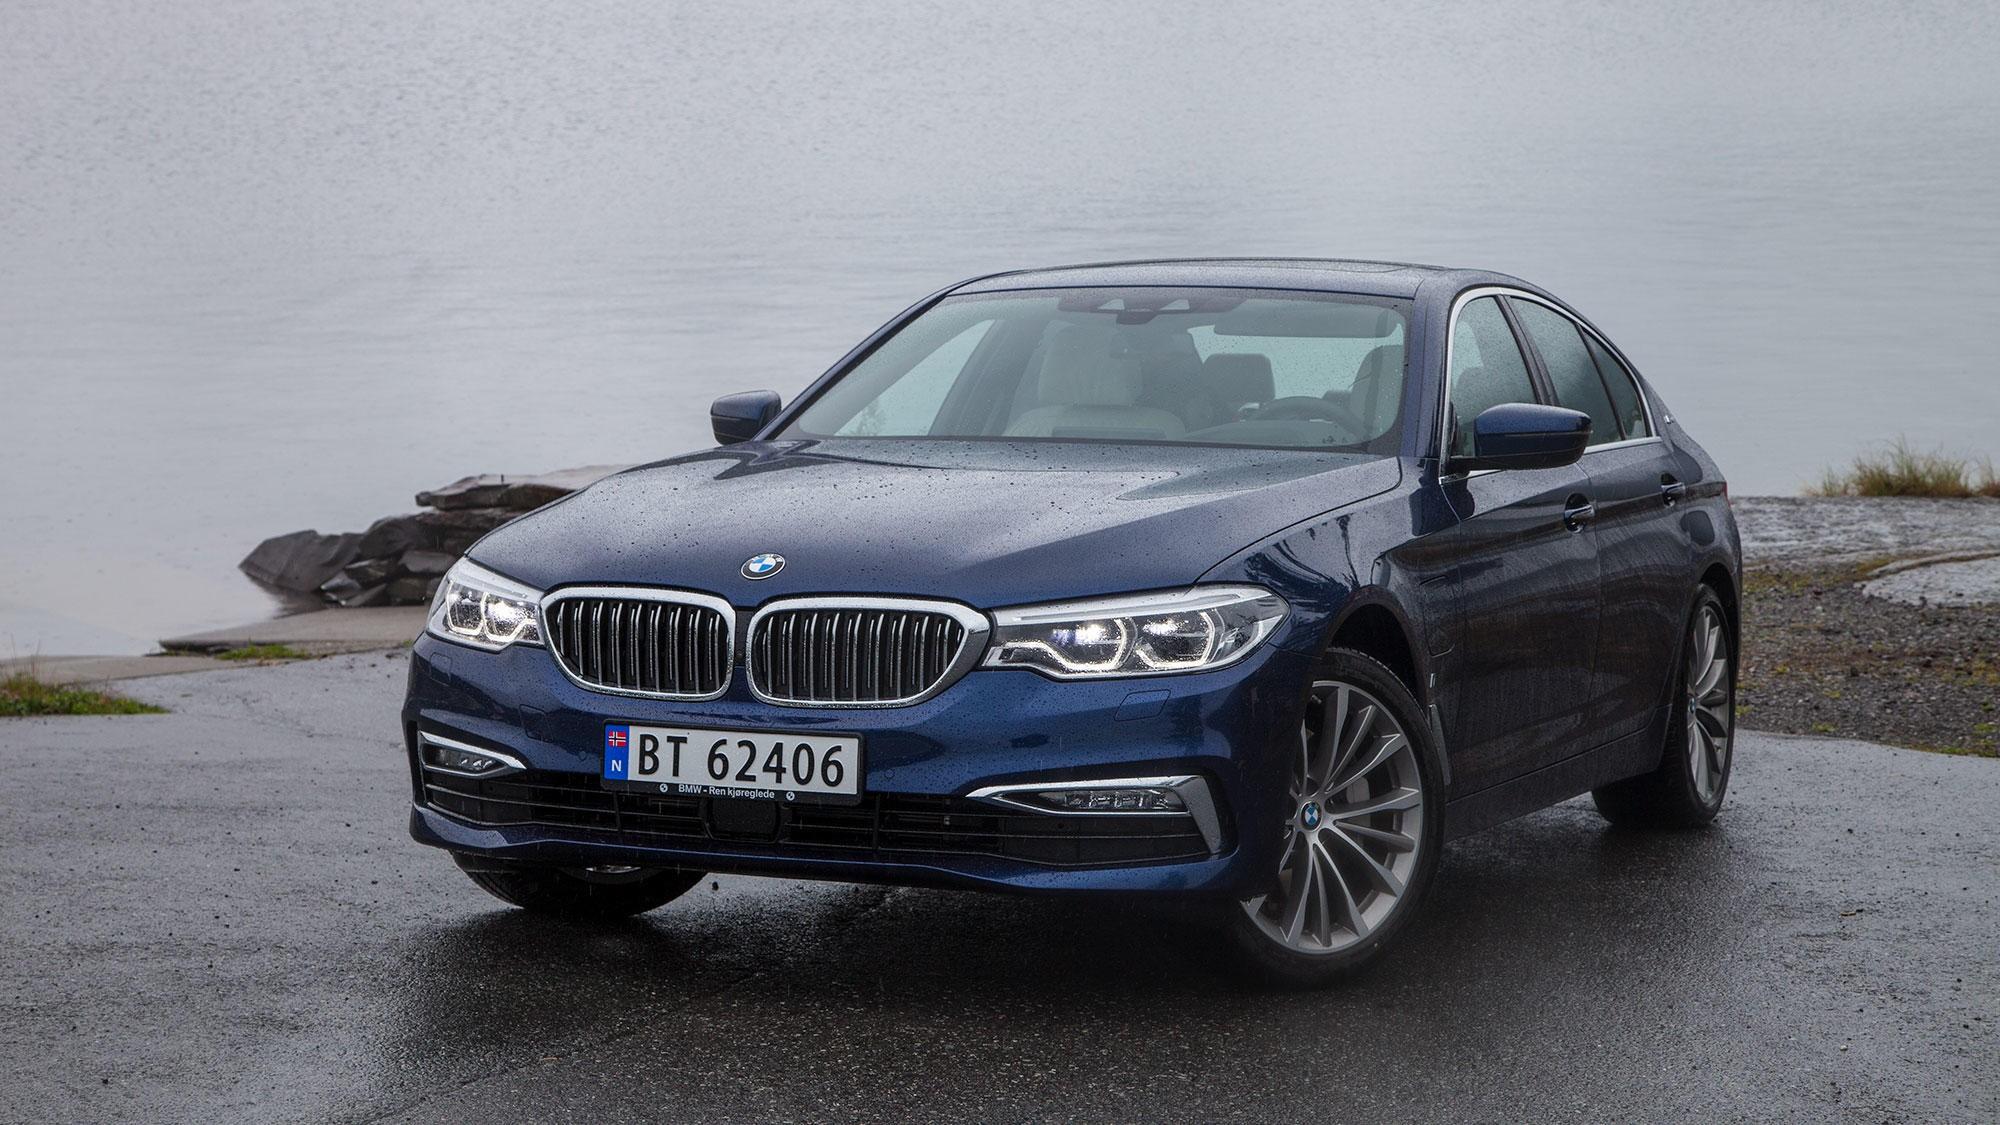 Dette er etter vår mening den beste ladbare hybriden BMW har laget så langt.